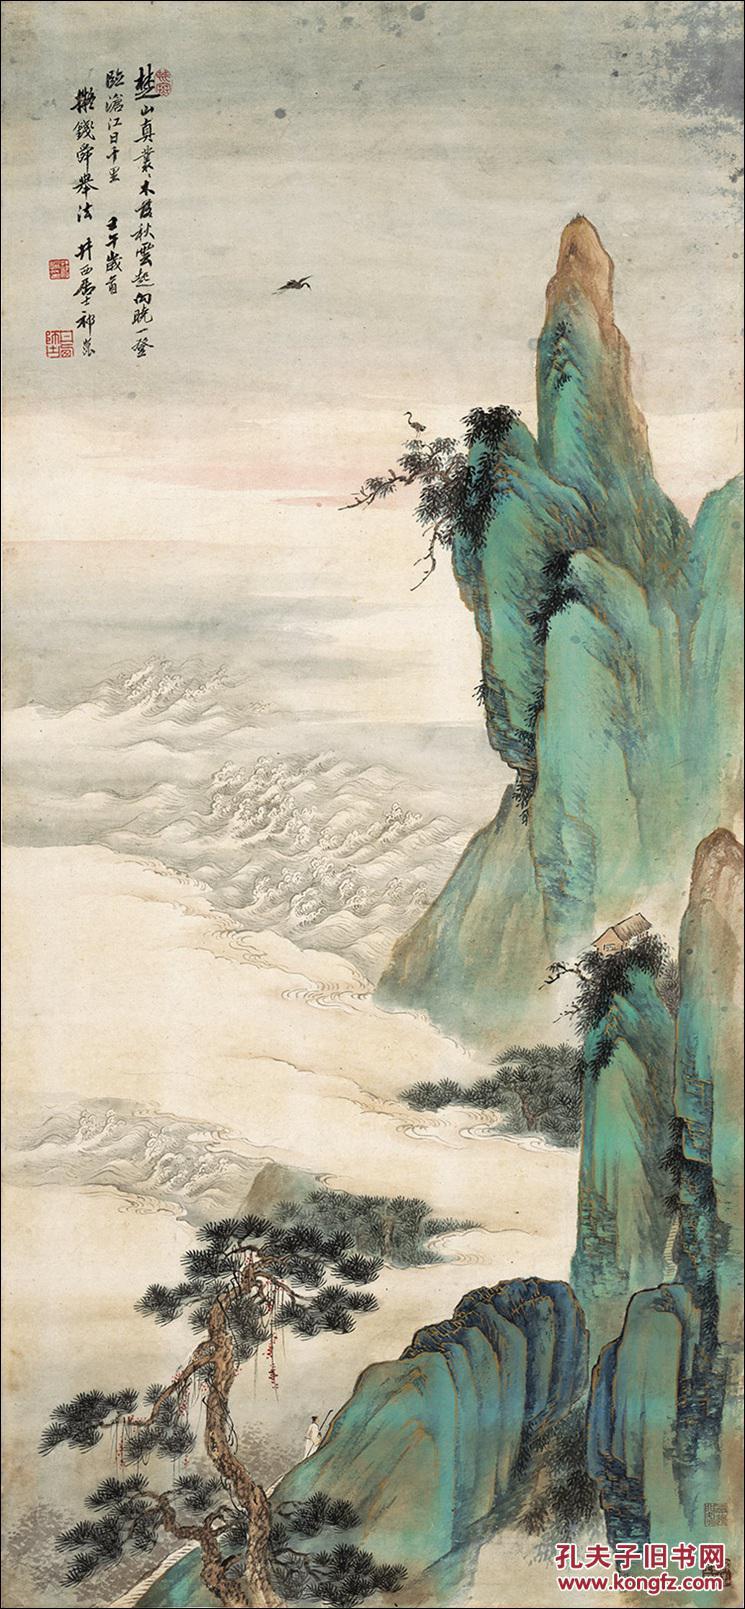 近现代-祁昆-金碧青绿山水轴-纸本50.5x110cm 国画图片